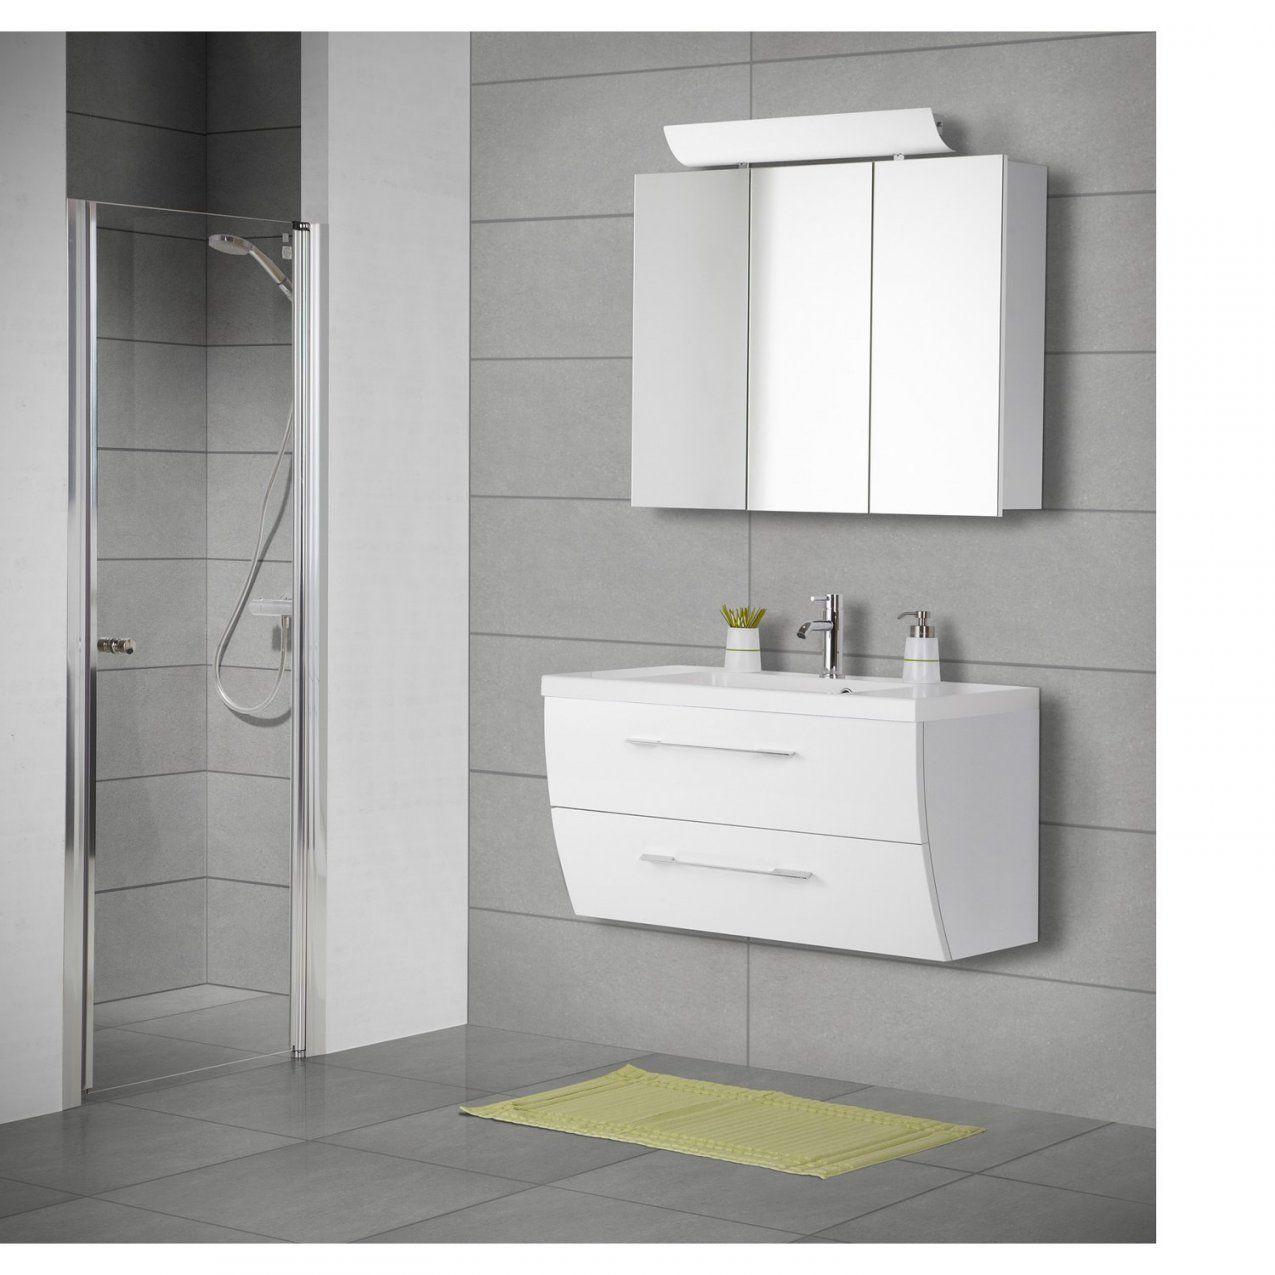 Scanbad Badmöbelset 120 Cm Mit Spiegelschrank Rumba Weiß Hochglanz von Badmöbel 90 Cm Breit Photo